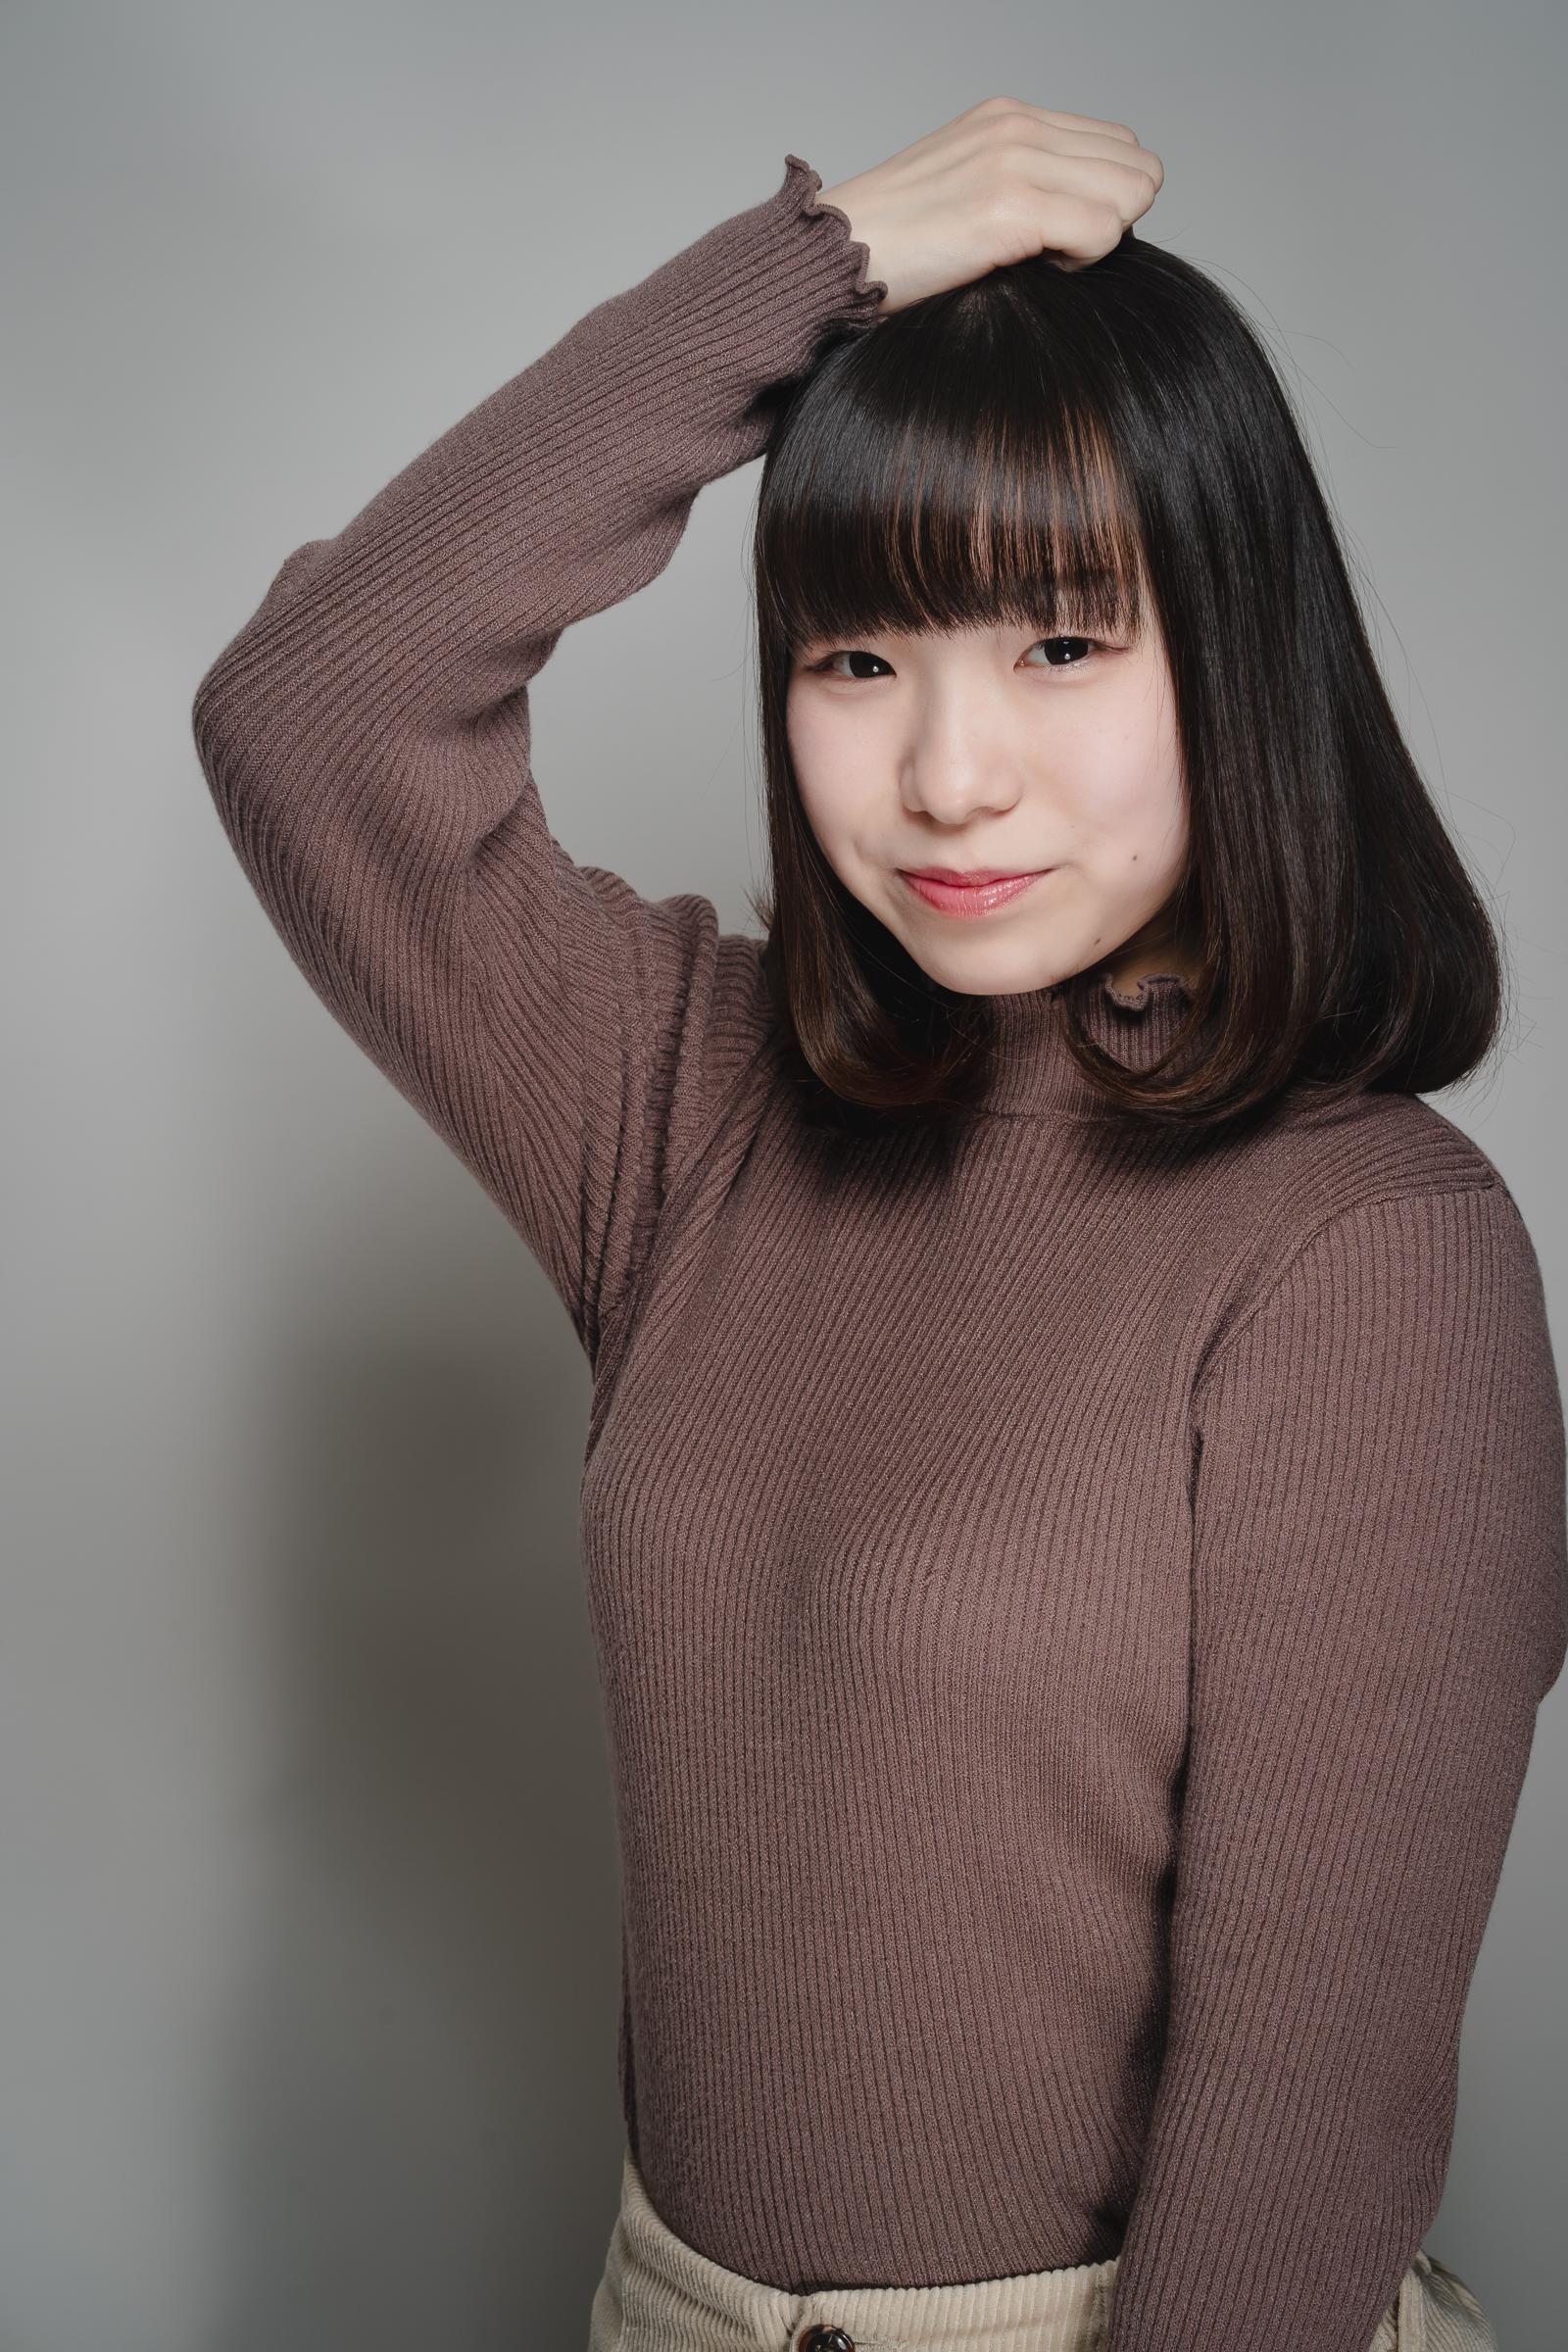 3代目HAPPY少女♪ やよたん ( 藤本やよい ) | SMP 札幌モデルプロ 撮影会